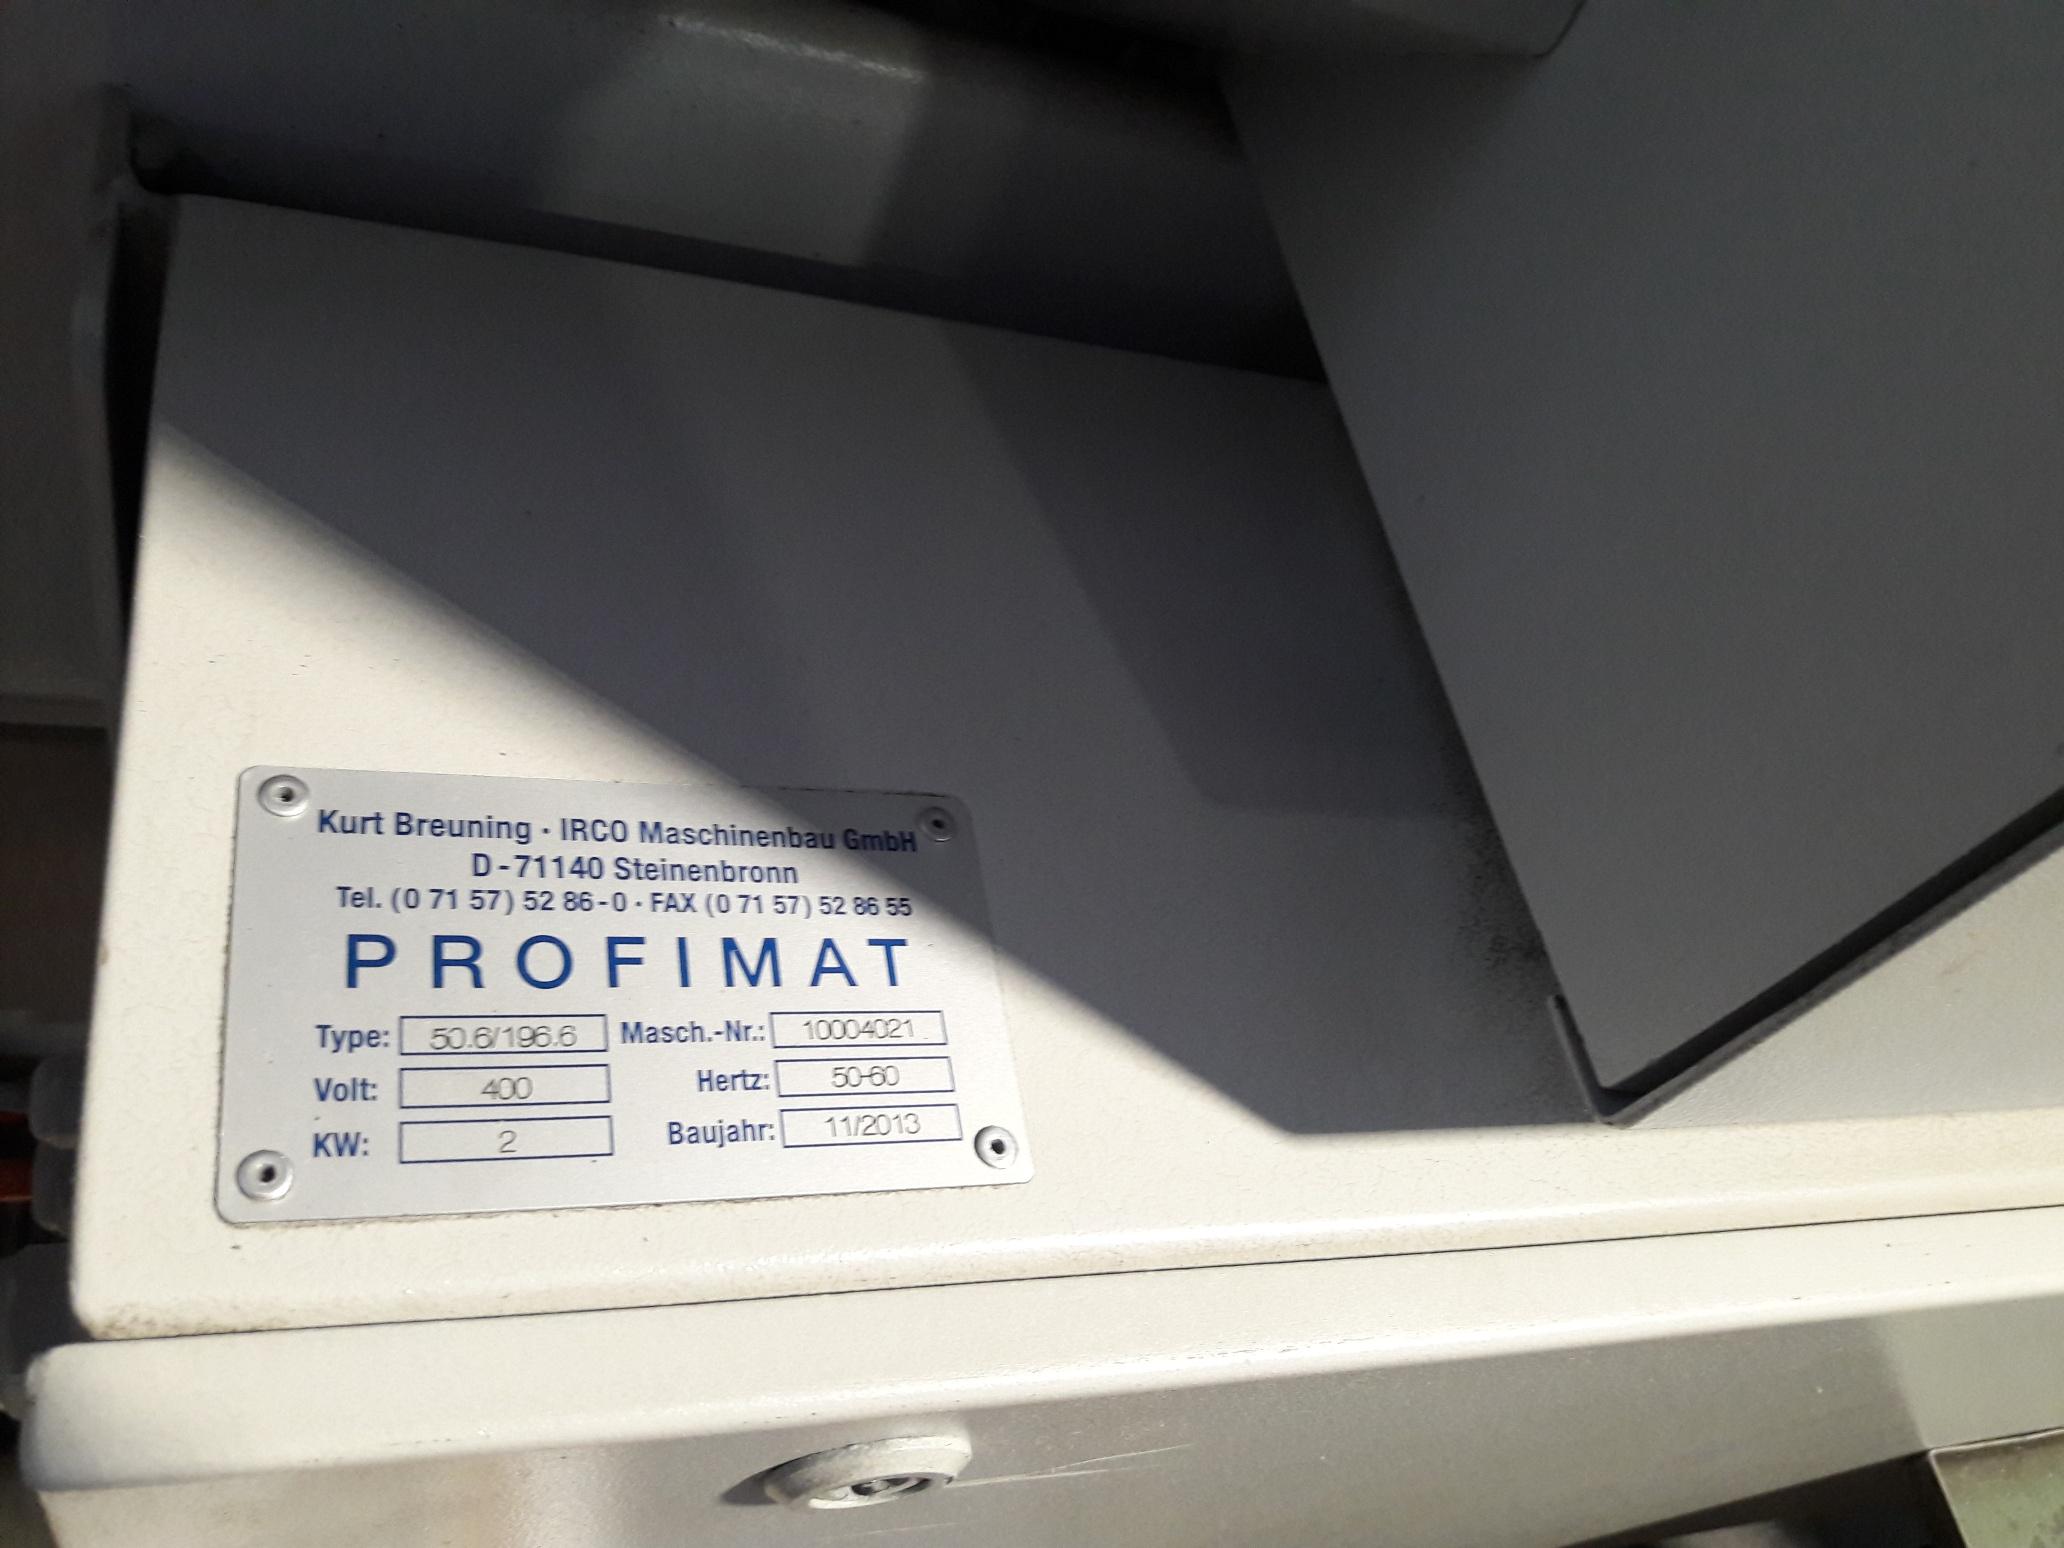 Caricatore barre Profimat Irco 50.6 196/6 3m in vendita - foto 6